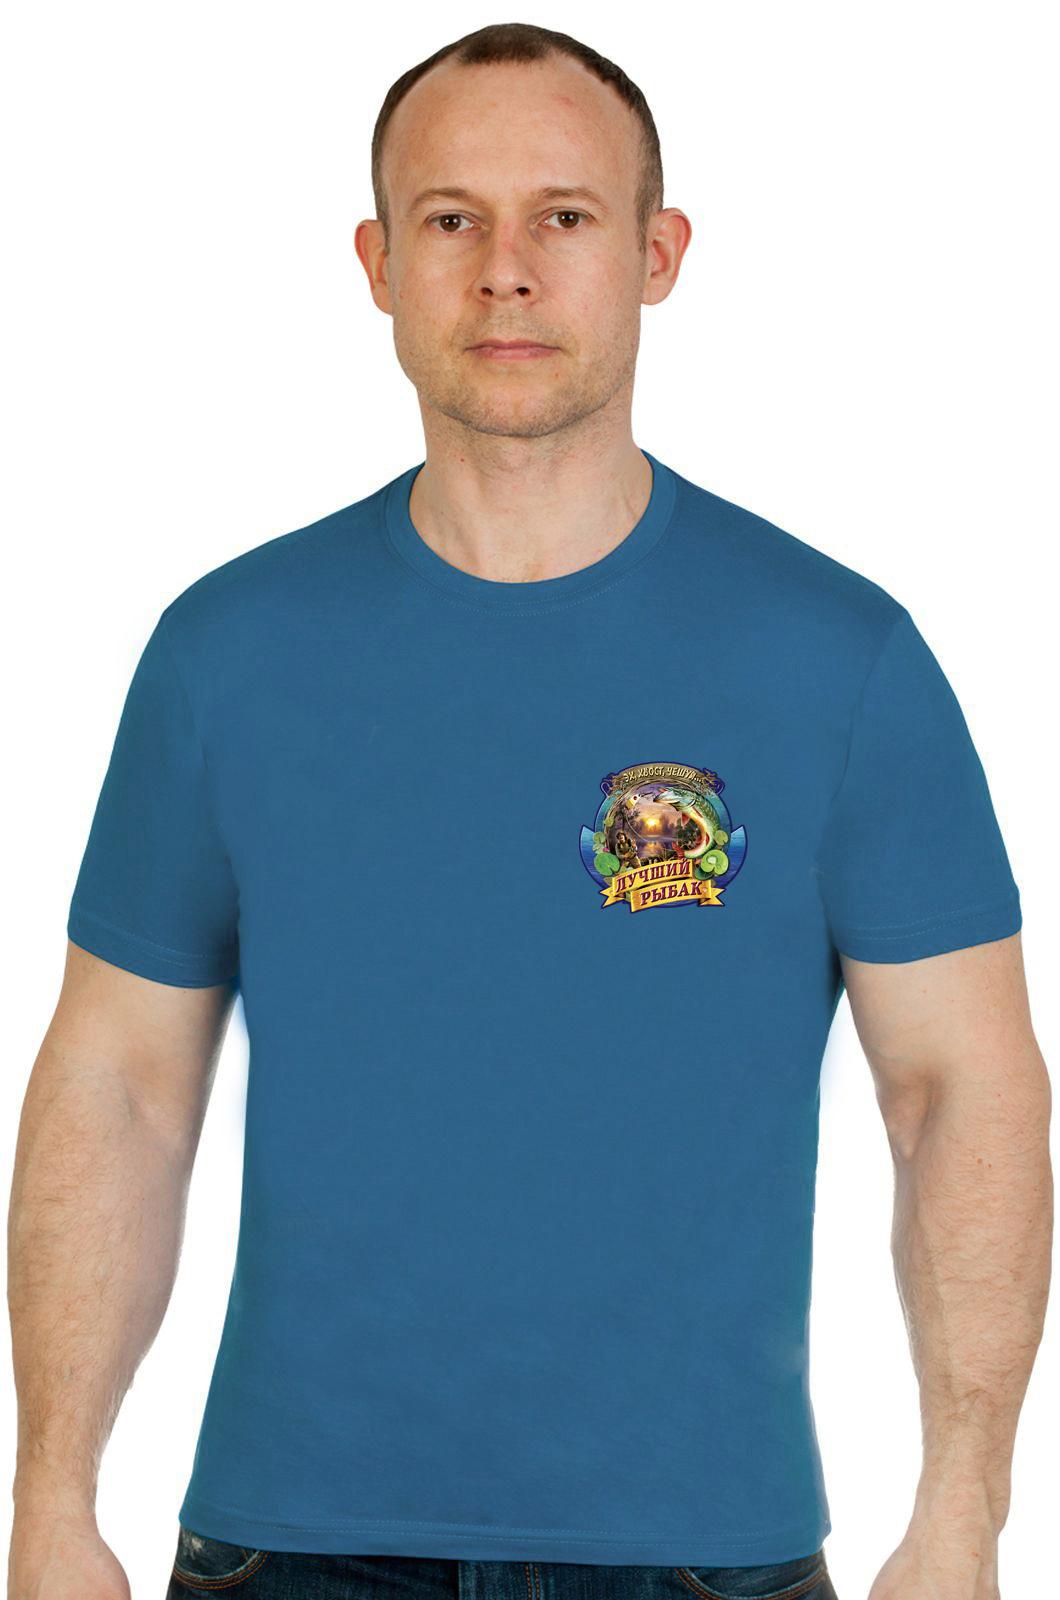 Заказать мужские футболки, рыбацкие подарки онлайн